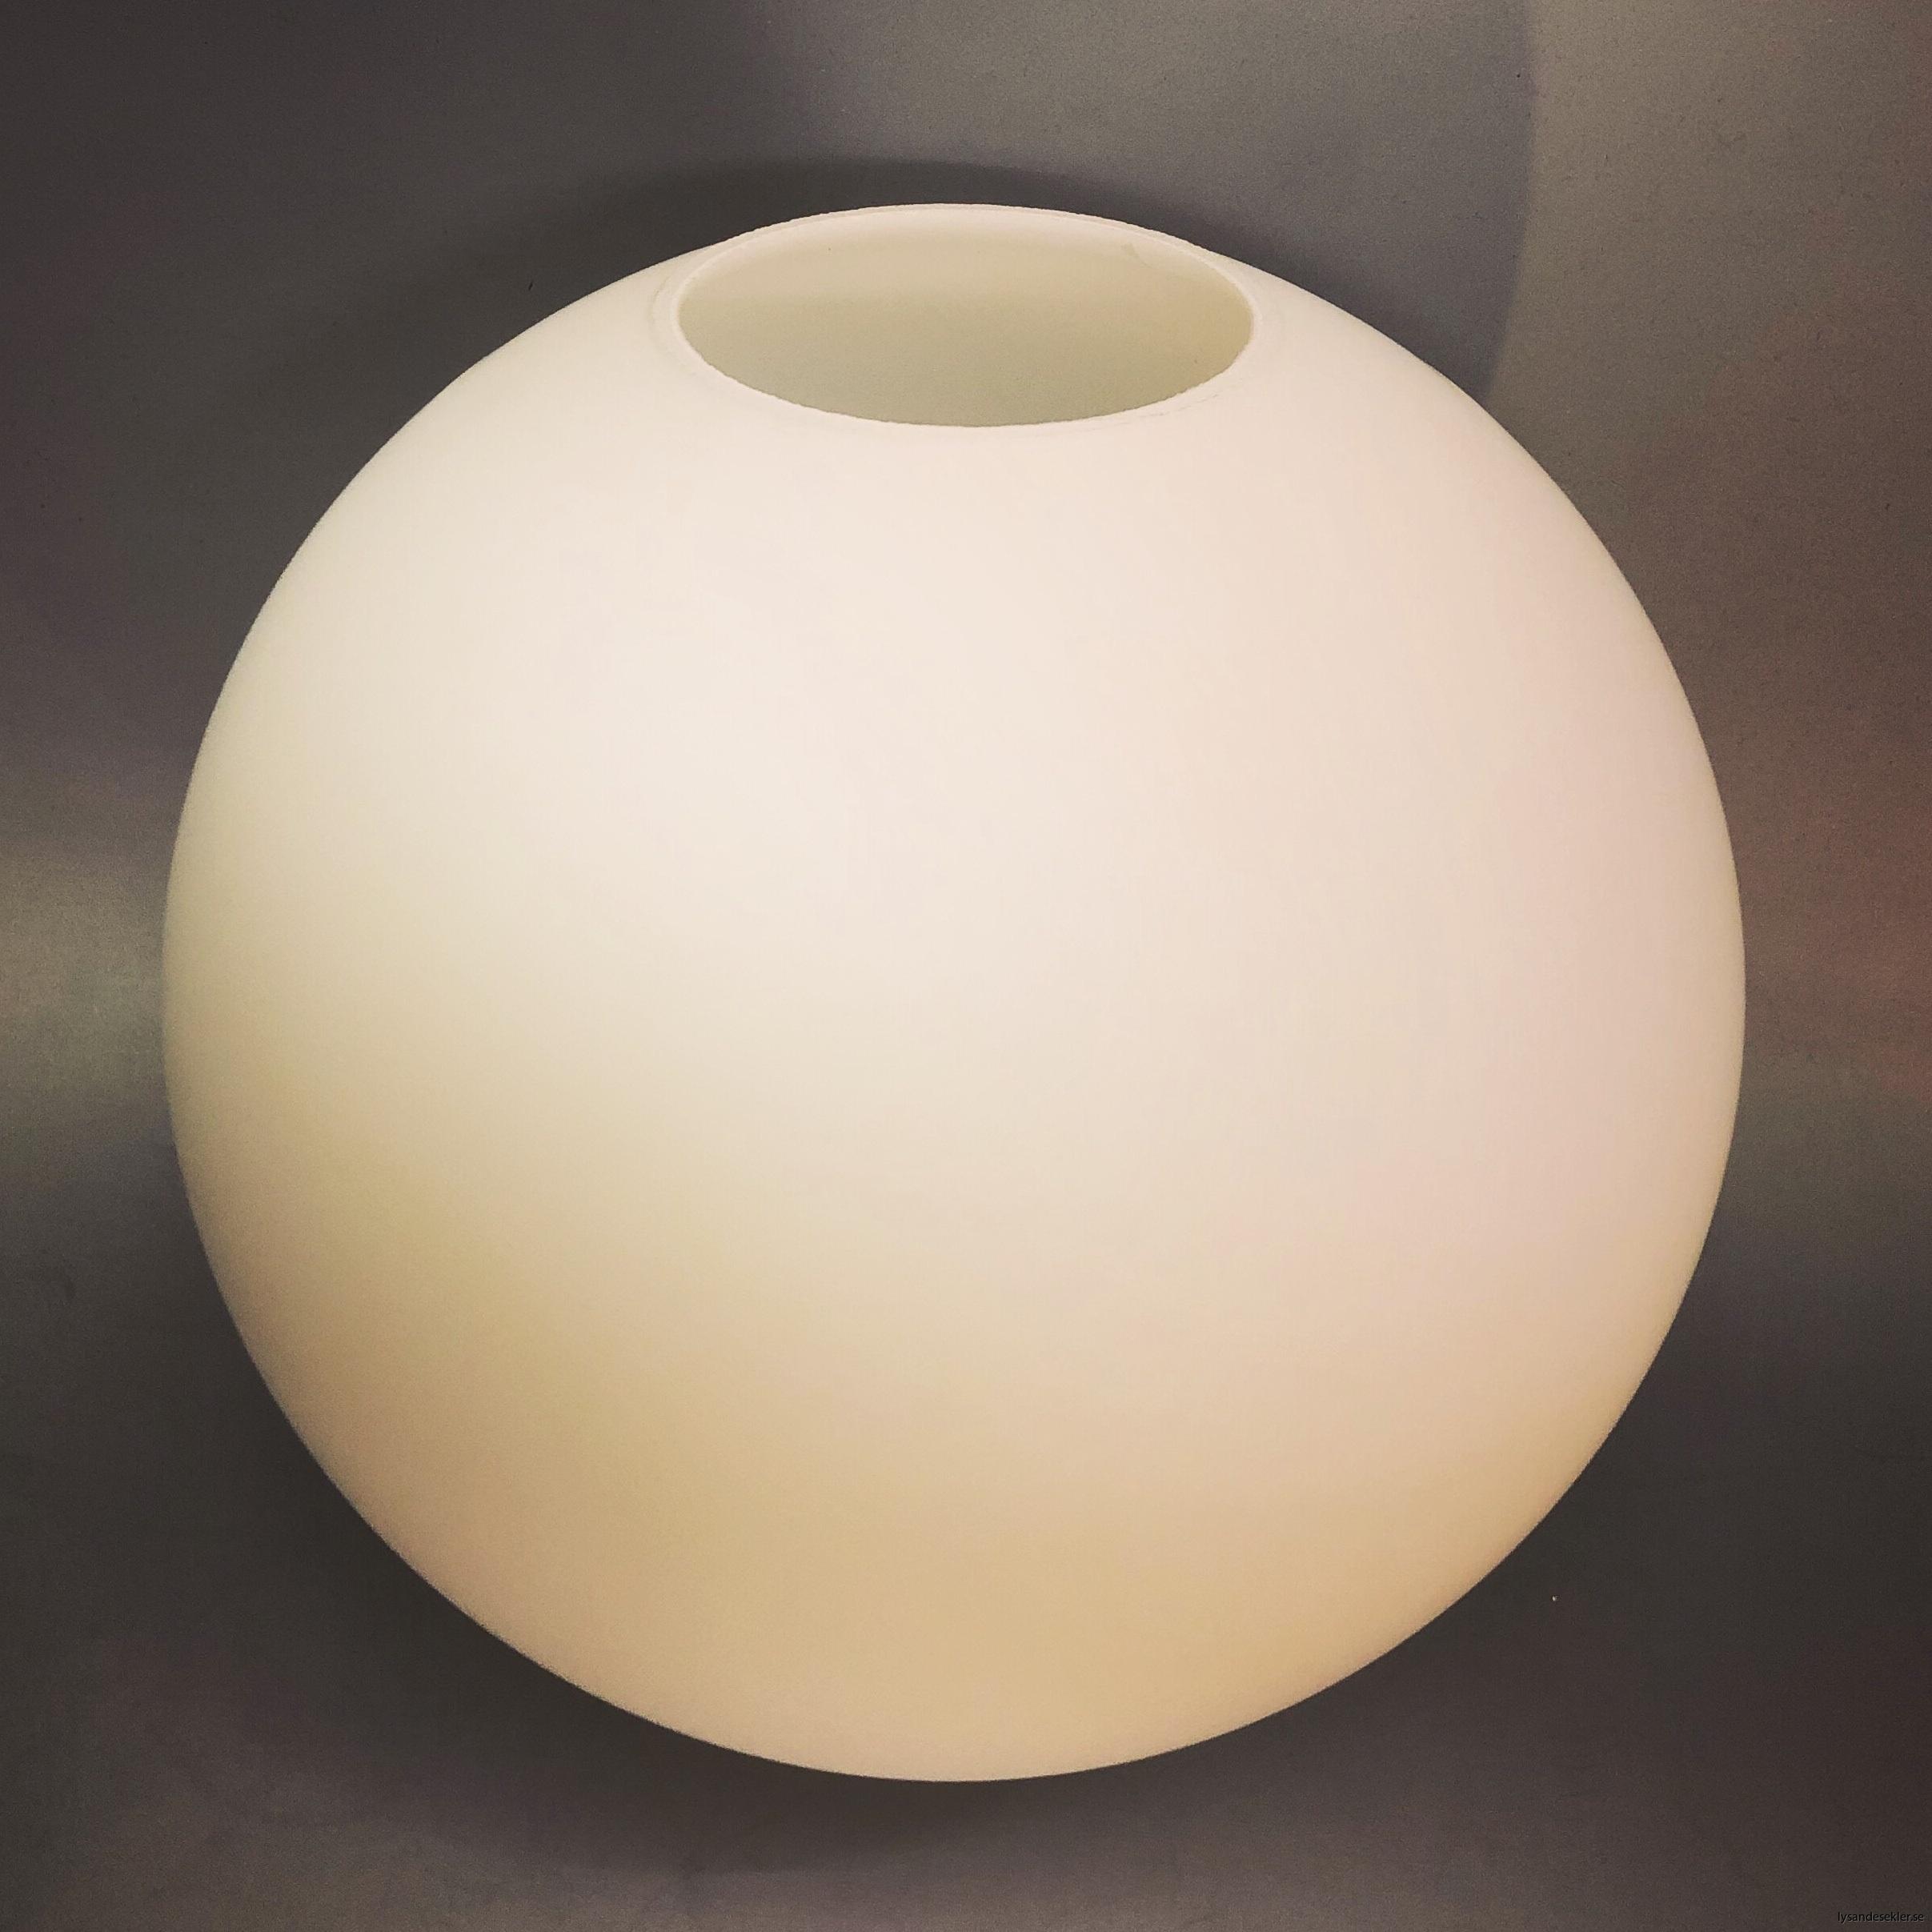 klot glas lampklot lampglas klotglas matt blankt vitt hålkupa hål8